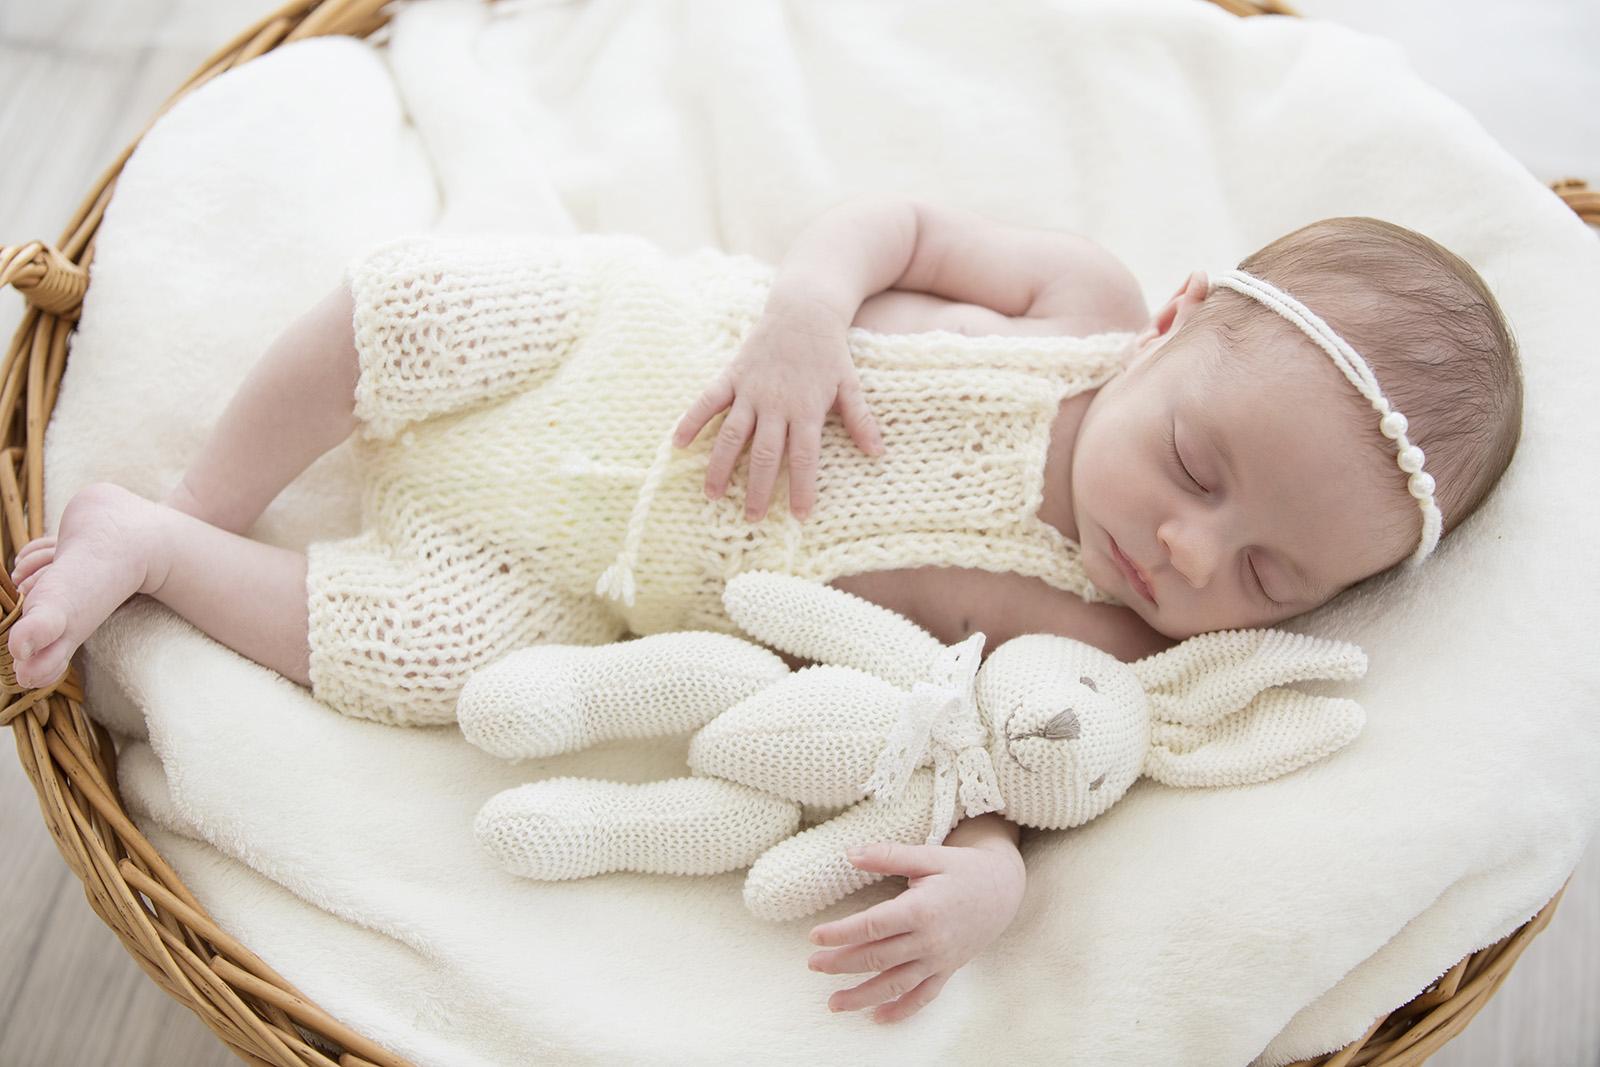 צילומי ניובורן , צלמת ניובורן , צלמת הריון , צלמת תינוקות , צילומי תינוקות